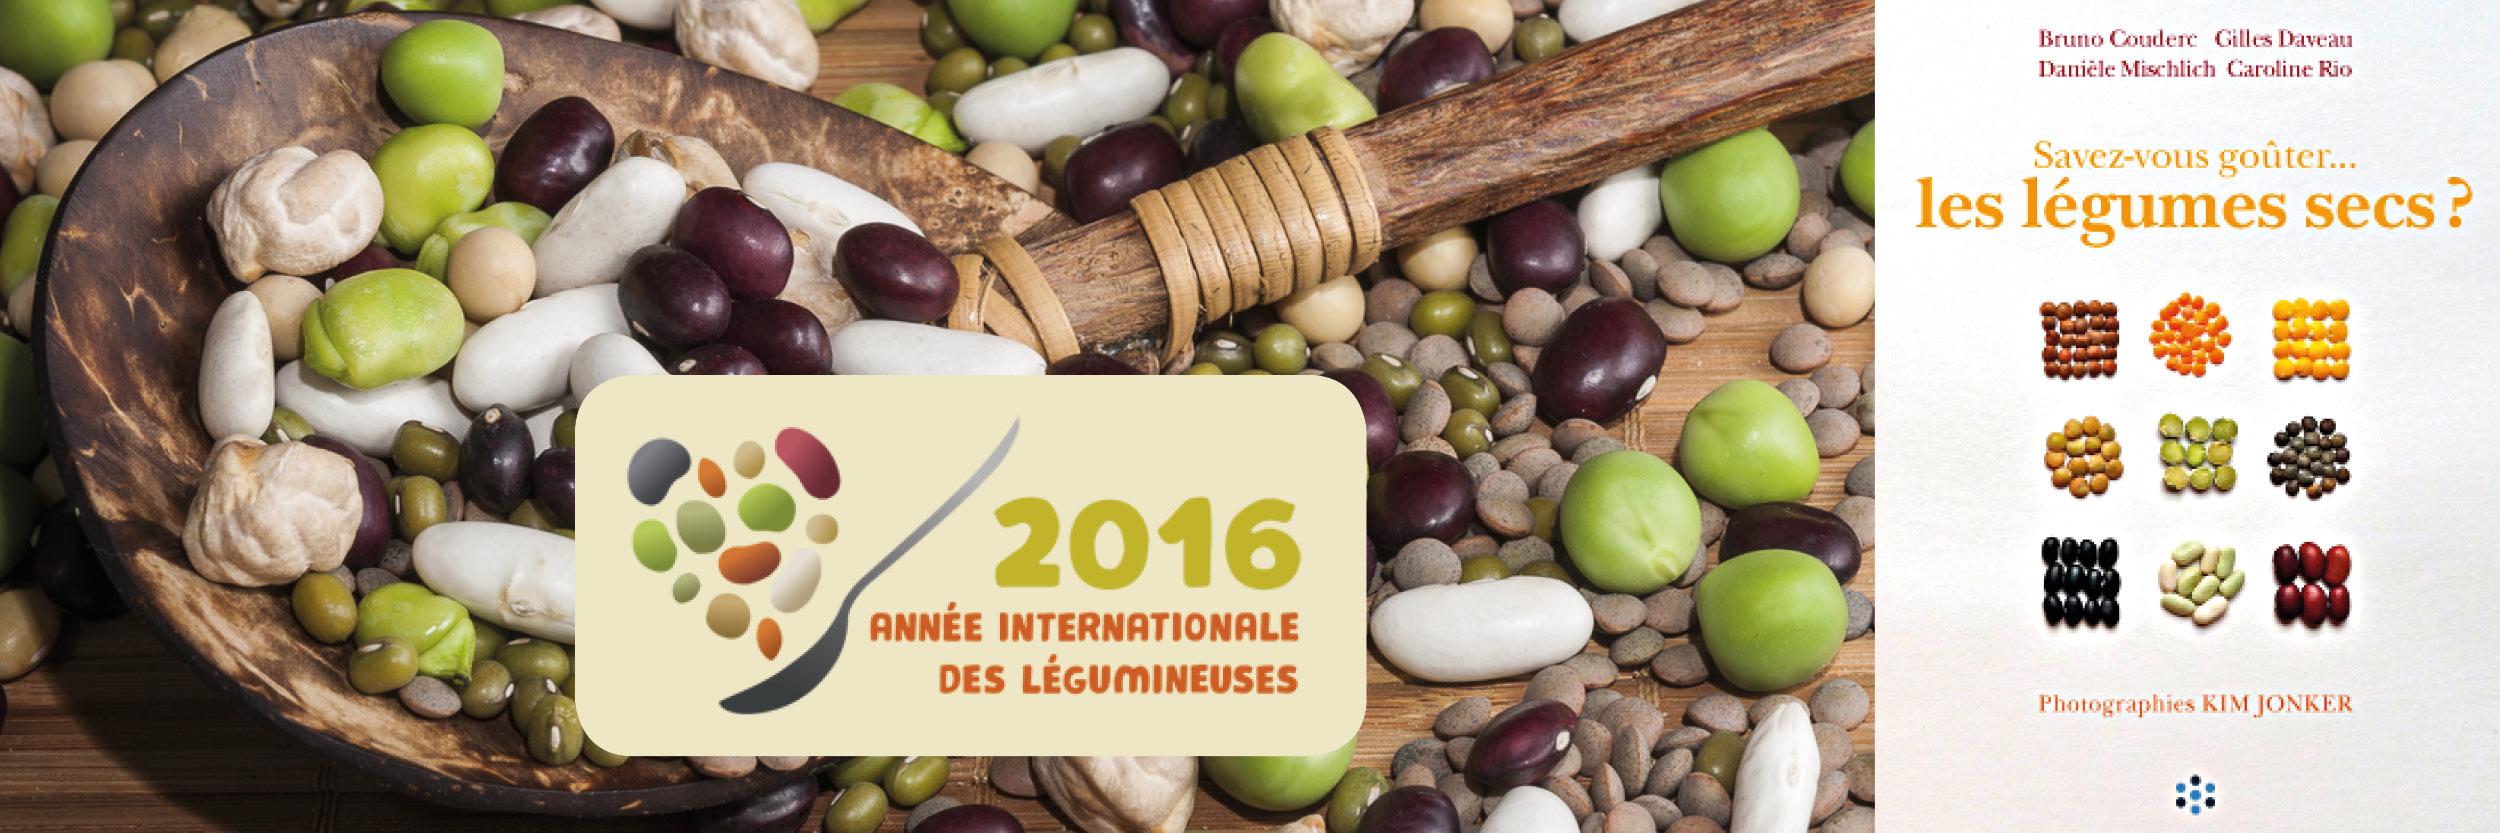 2016: Année des légumineuses